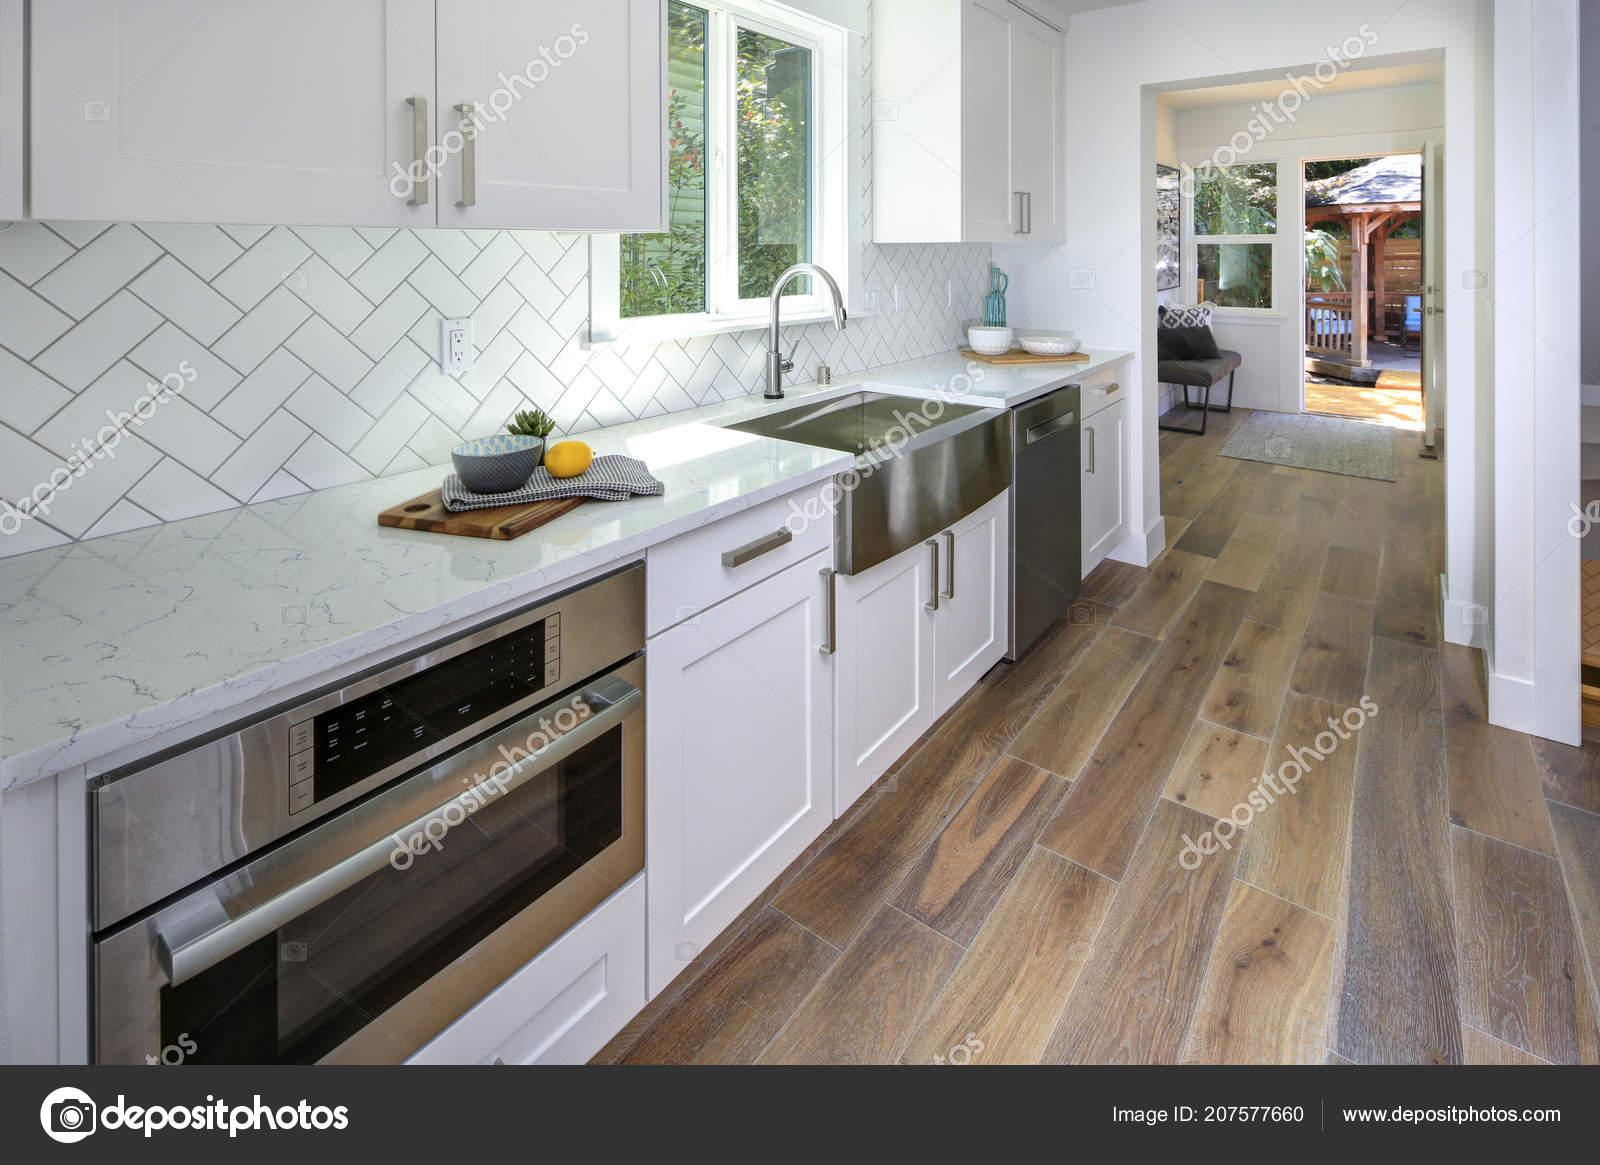 Gerenoveerd keuken met marmeren aanrecht puur witte kasten visgraat